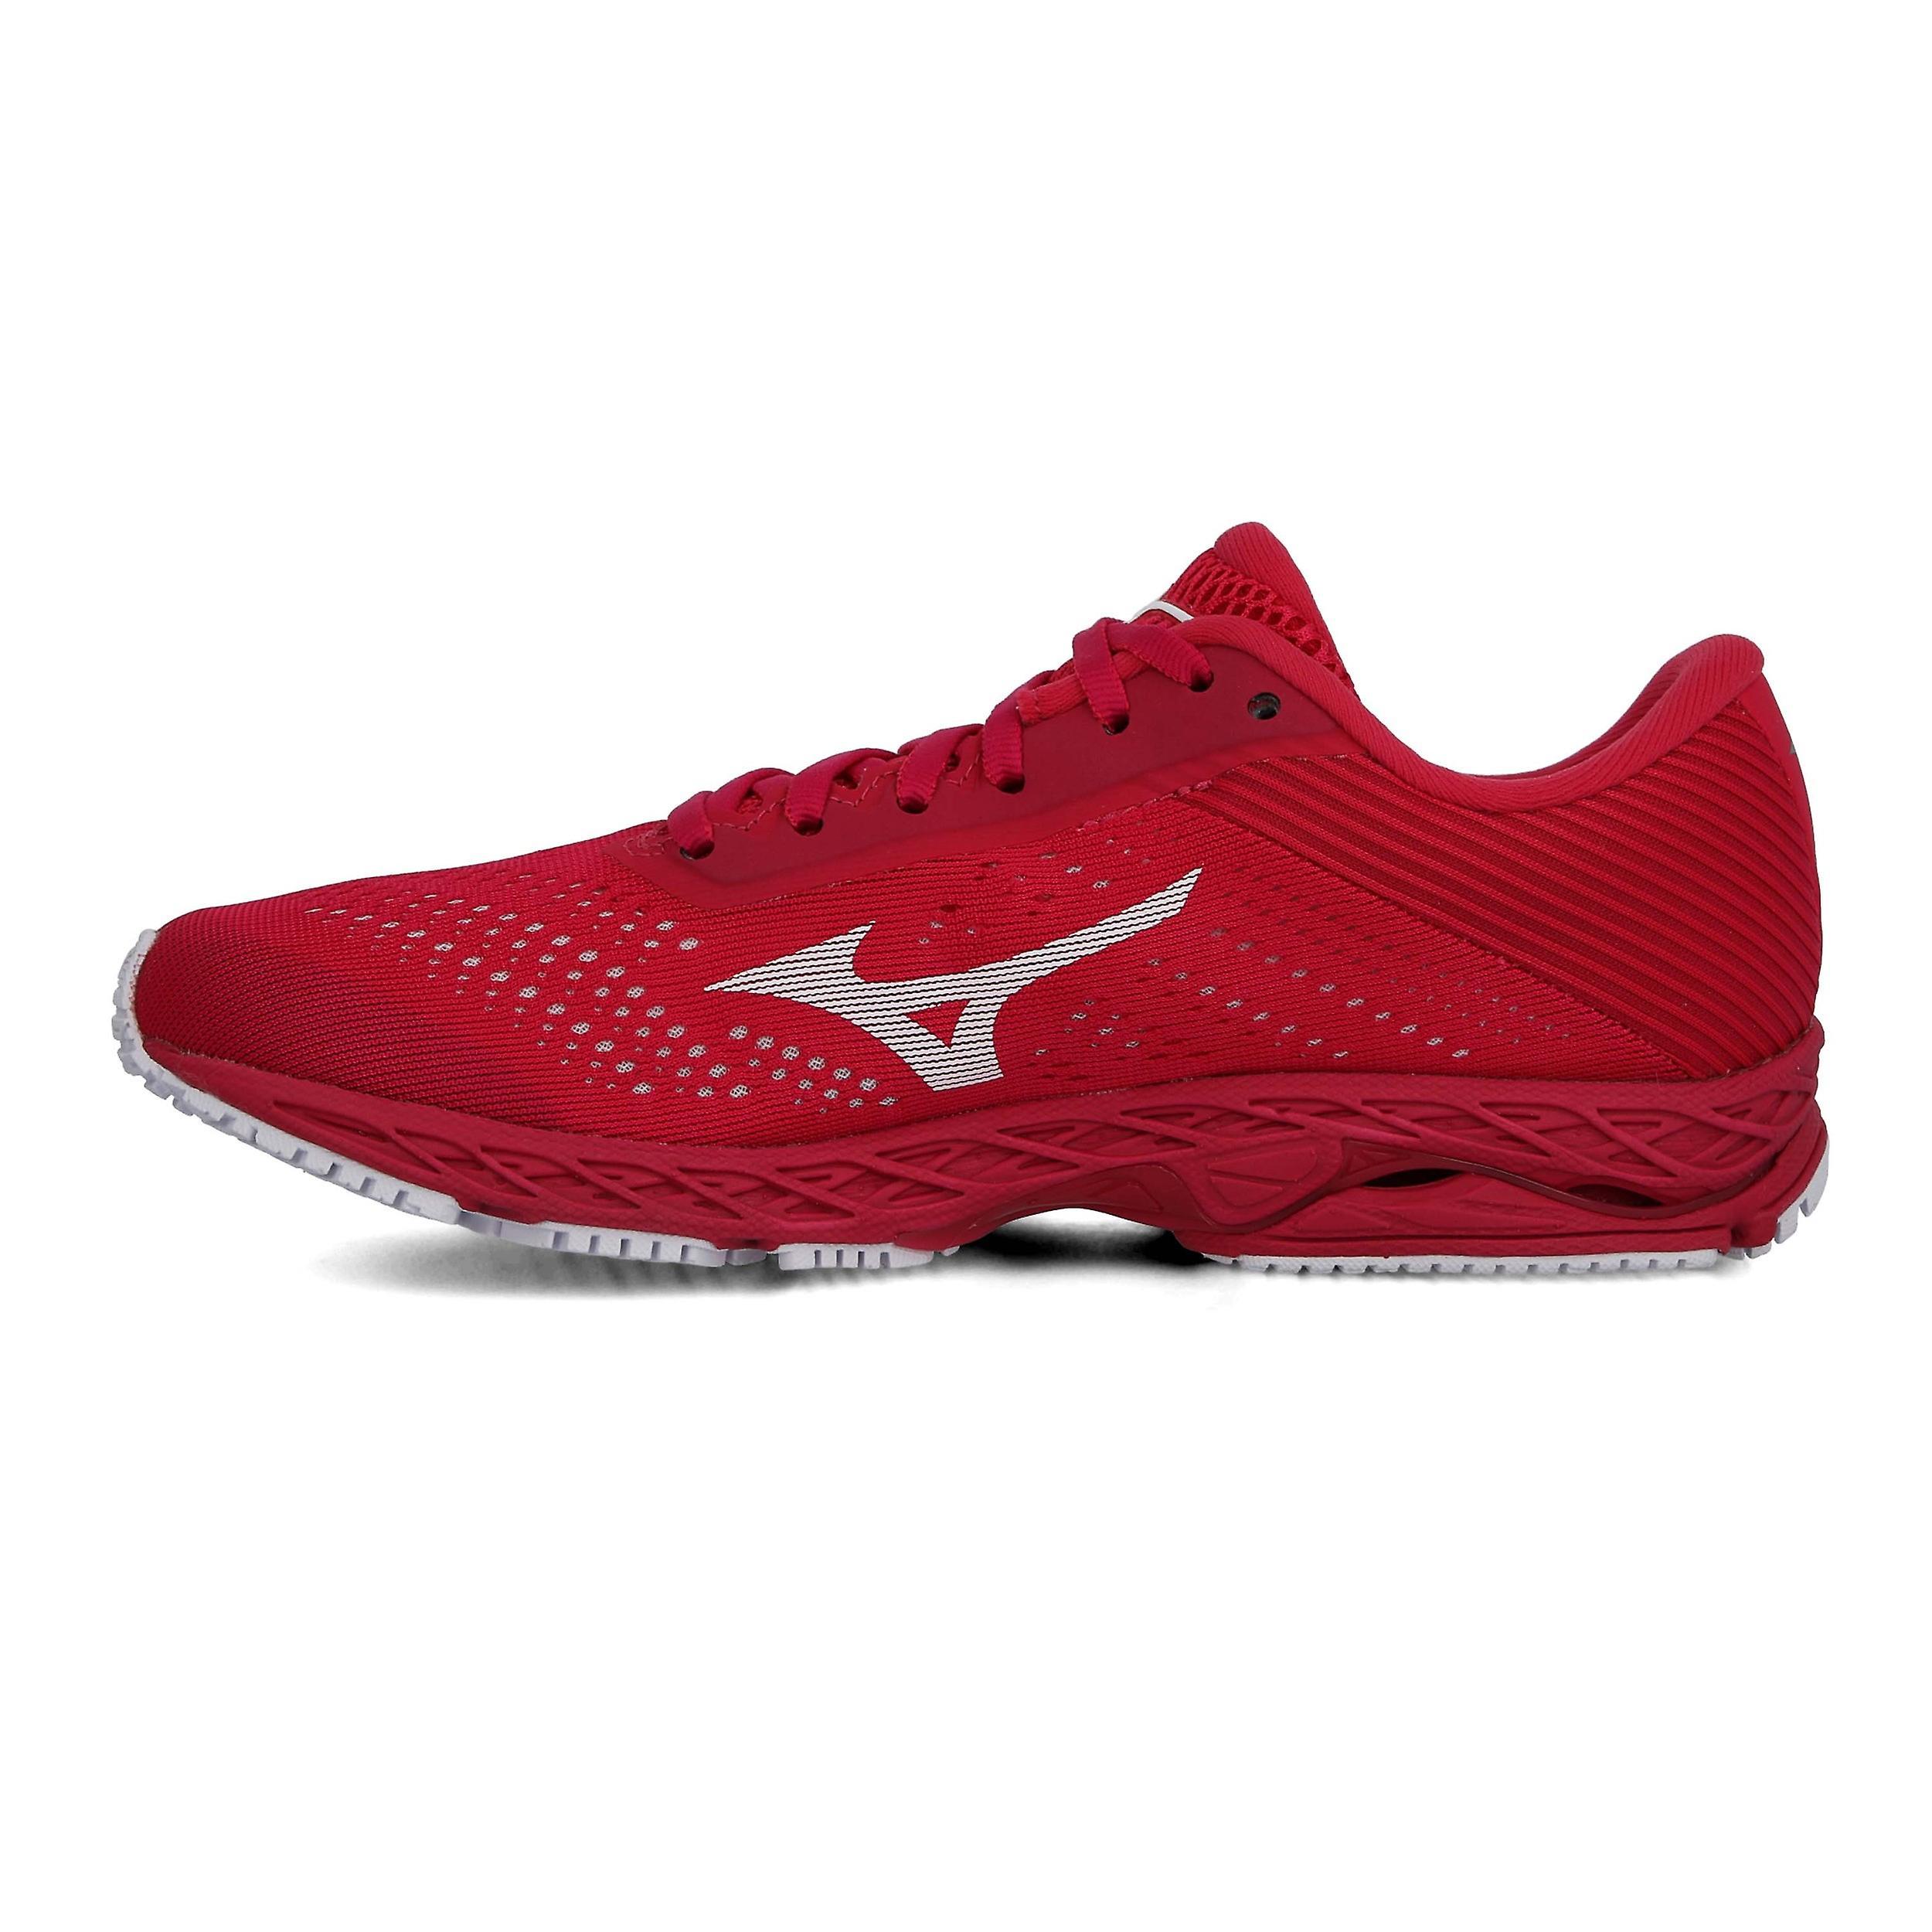 Mizuno Wave Shadow 3 Women's Running Shoes - SS20